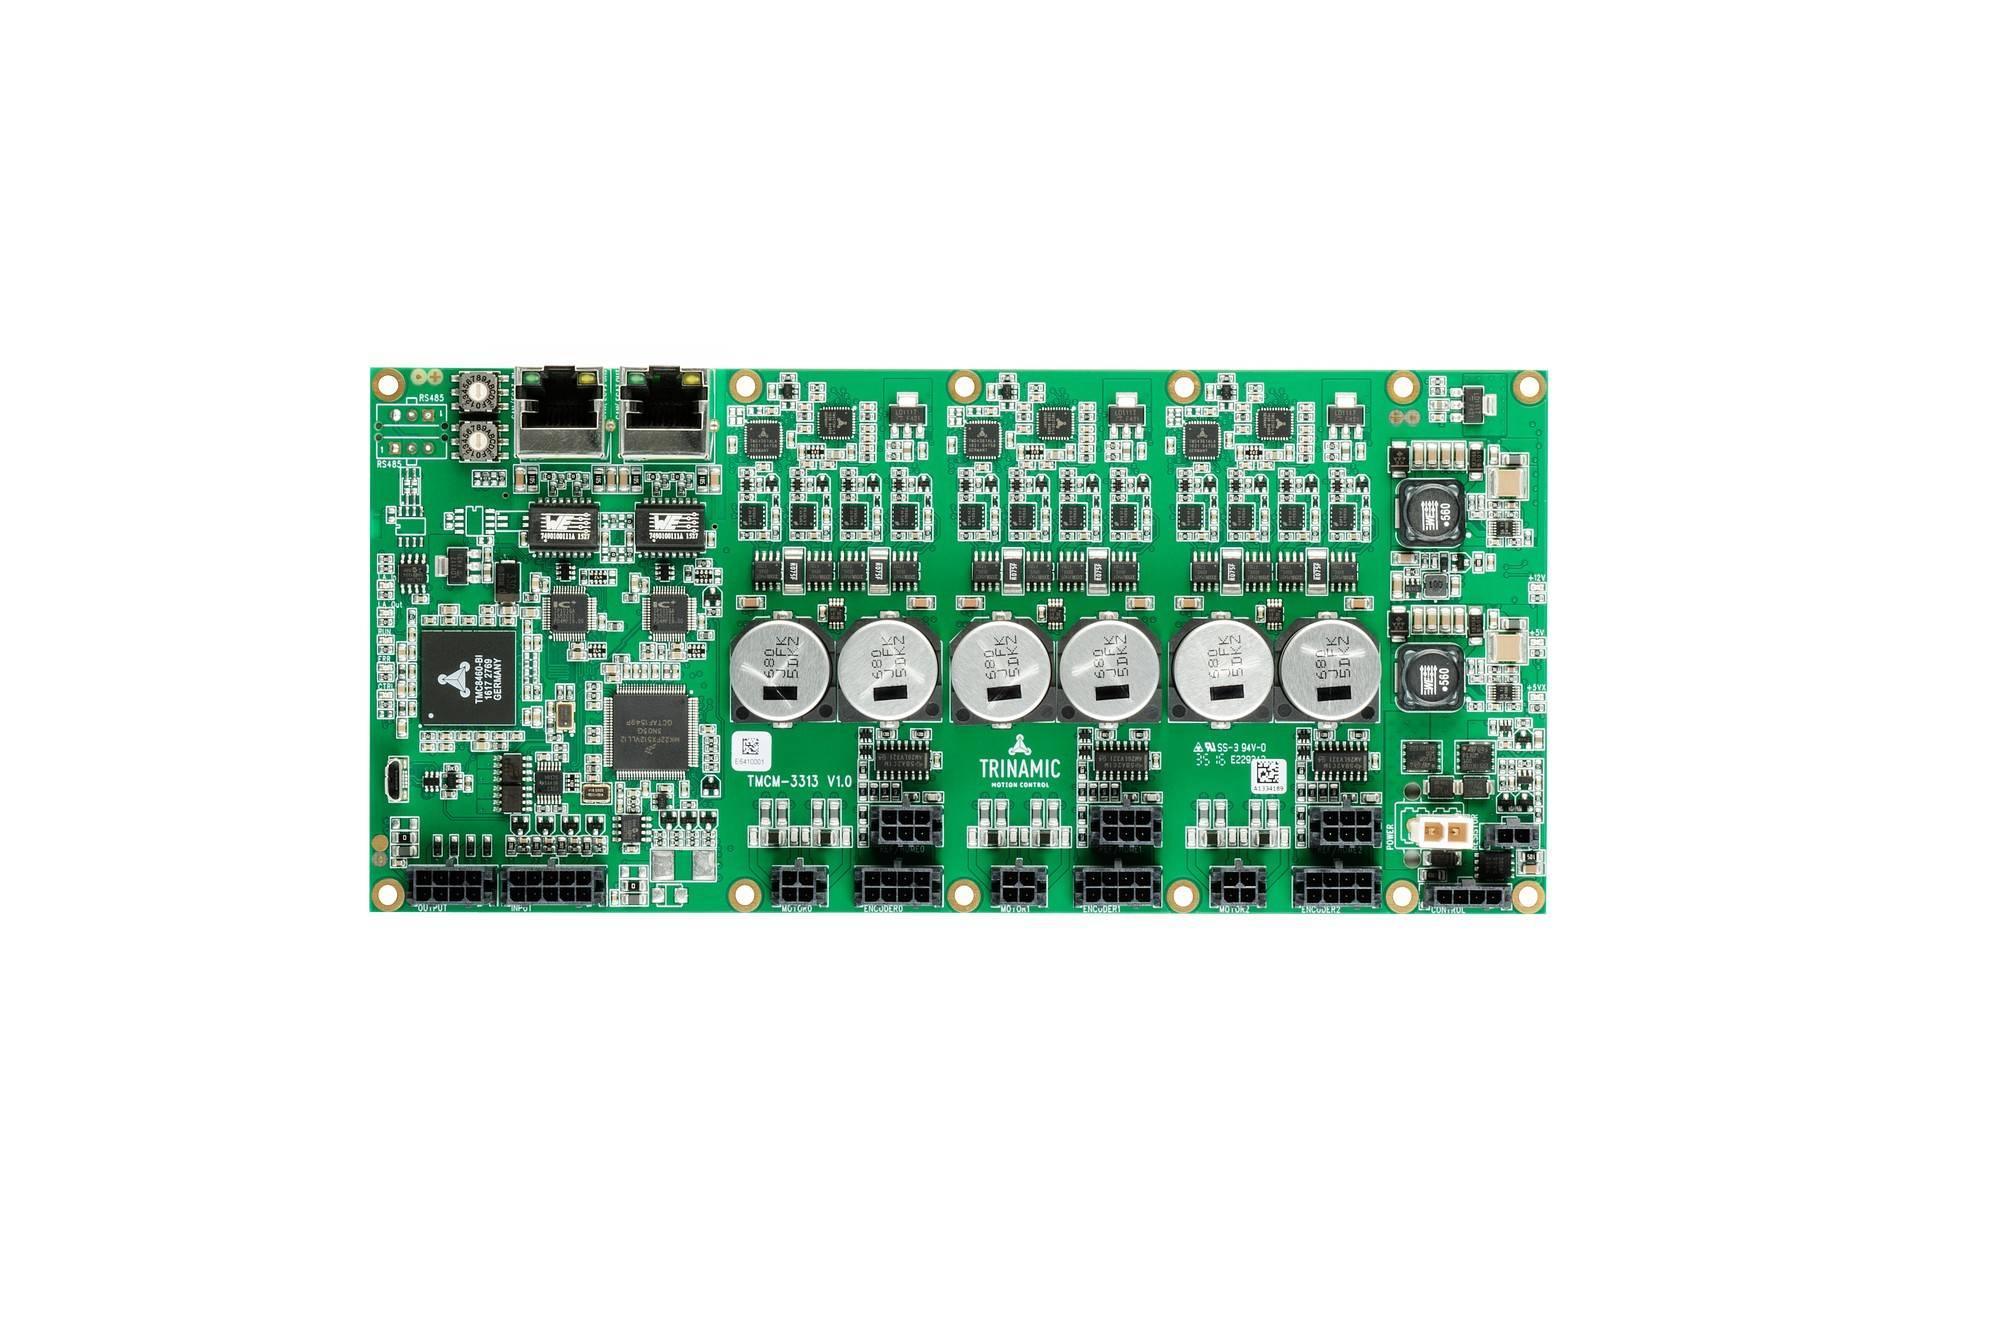 TMCM-3313